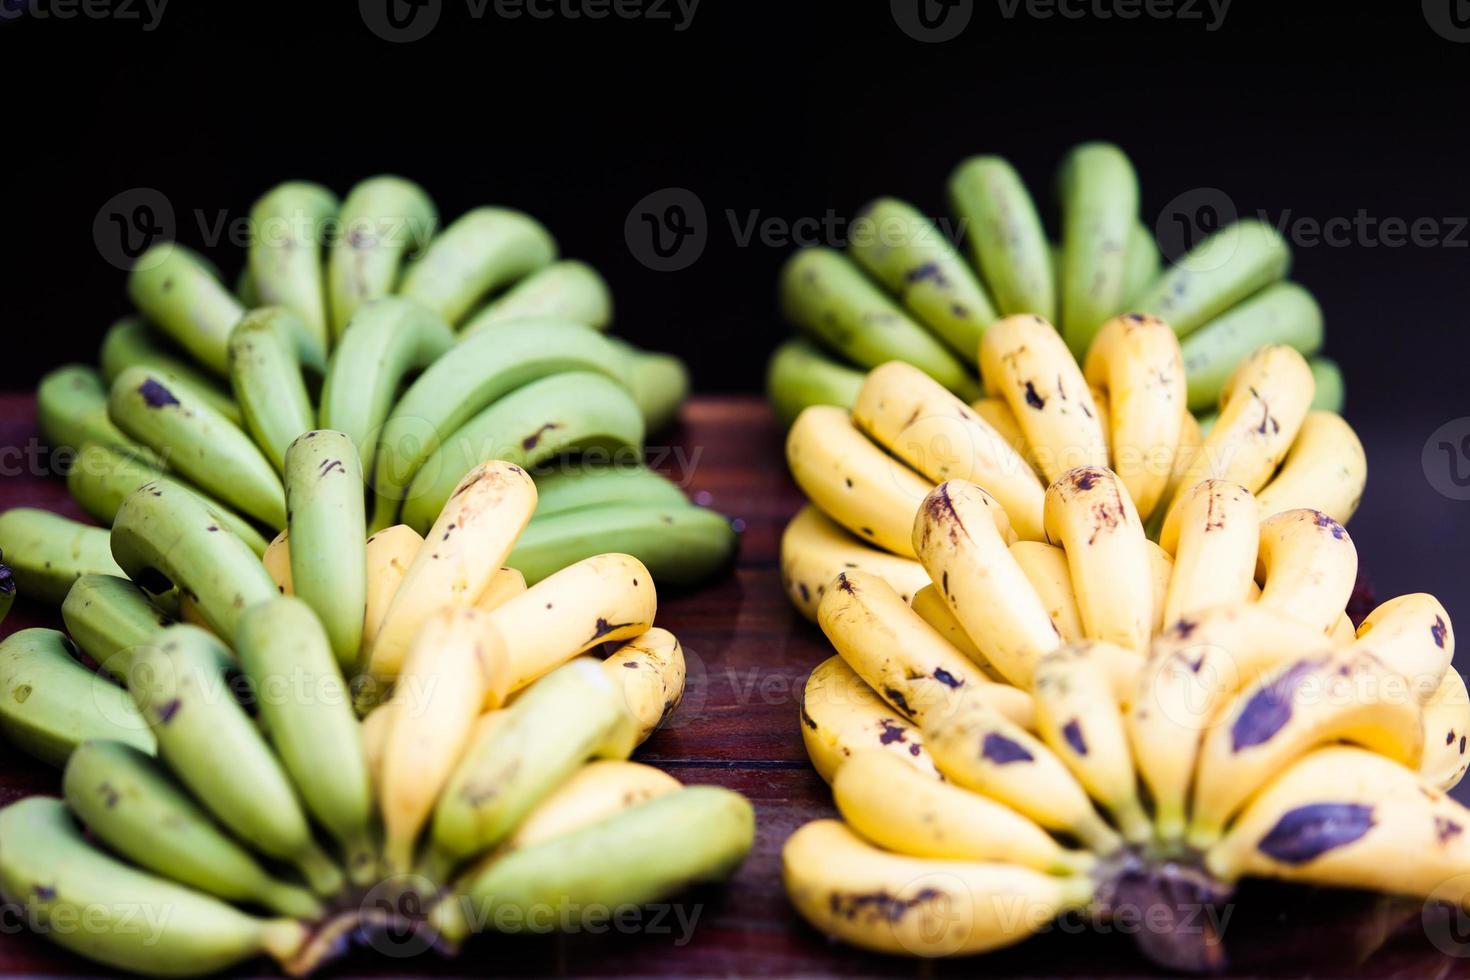 grüne und gelbe Bananenfrüchte auf dem Markt foto